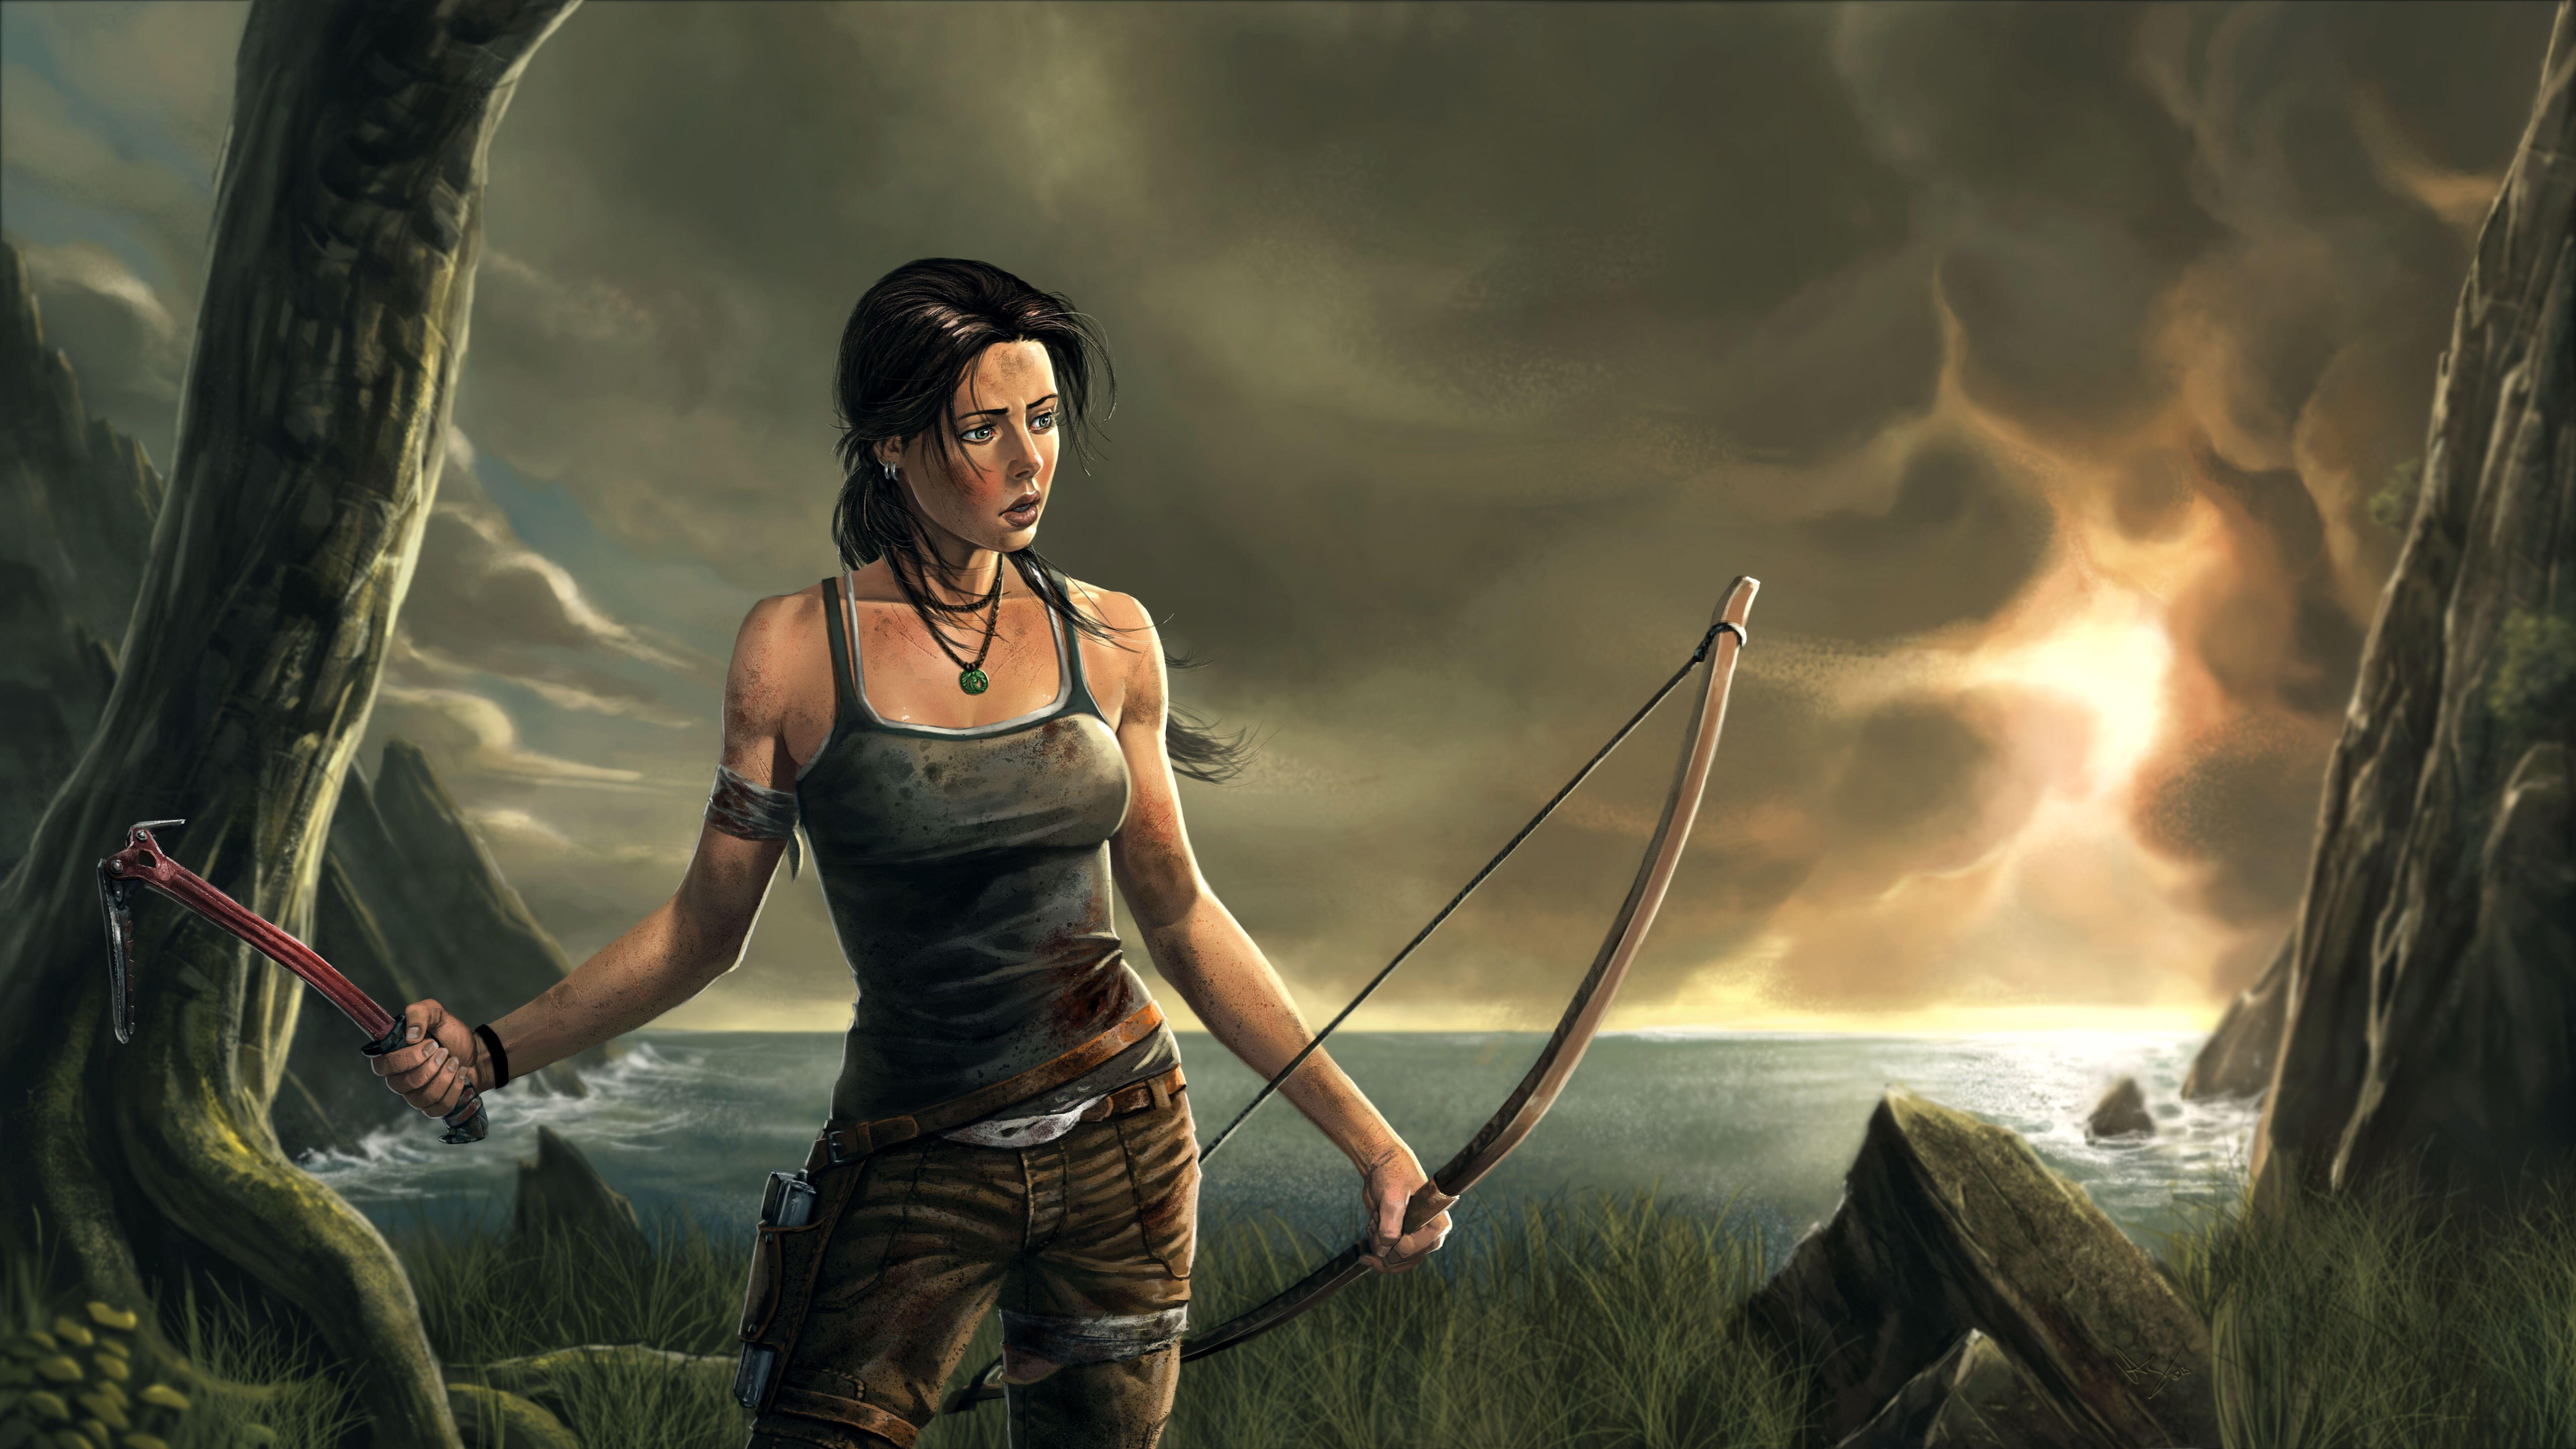 3840x2160 Lara Croft Tomb Raider Artwork 4k Hd 4k: 7680x4320 Lara Croft 8k Artwork 8k HD 4k Wallpapers